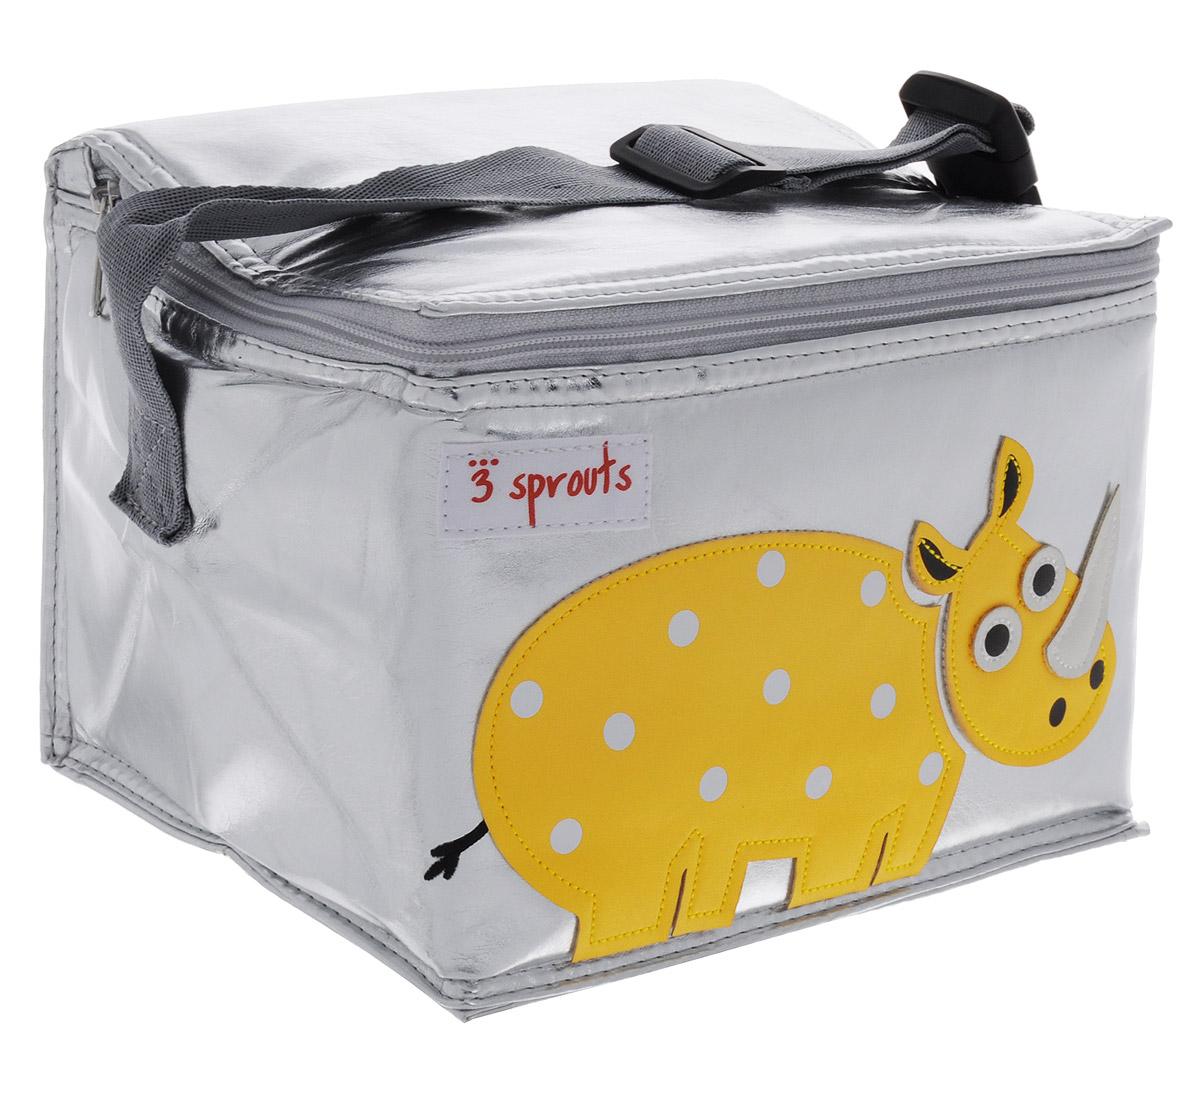 3 Sprouts Сумка для обеда Желтый носорог00003Сумка для обеда 3 Sprouts Желтый носорог идеальна для контейнеров, так что вы можете отправить детей в школу вместе с сытными закусками и обедами. В этой сумке еда не нагреется. Мыть ее чрезвычайно легко. Специальная бирка на внутренней поверхности сумки предназначена для указания имени ребенка. Прочная застежка-молния, хорошая вместительность, стильный серебристый цвет и красивая аппликация делают использование этой сумки удобным и приятным для ребенка. Регулируемый ремешок с защелкой позволит прикрепить сумку к рюкзаку или другой сумке.Сумка изготовлена без применения фталатов, PVC и свинца.